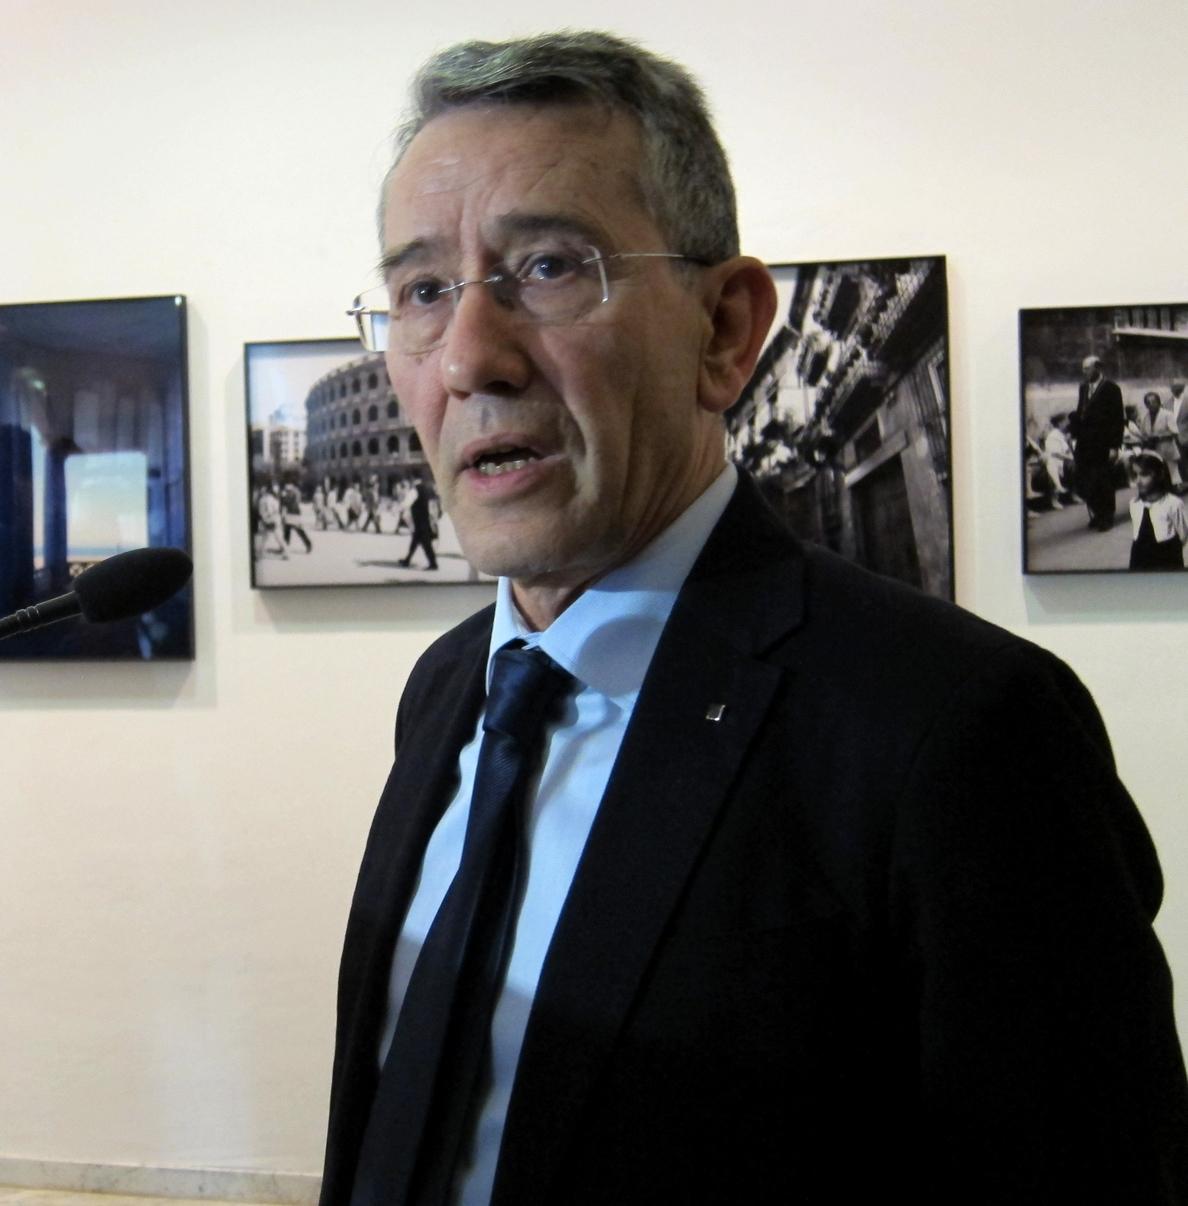 El PSPV acusa a Rajoy de «despreciar» a los valencianos con la infrafinanciación y pide la comparecencia de Fabra